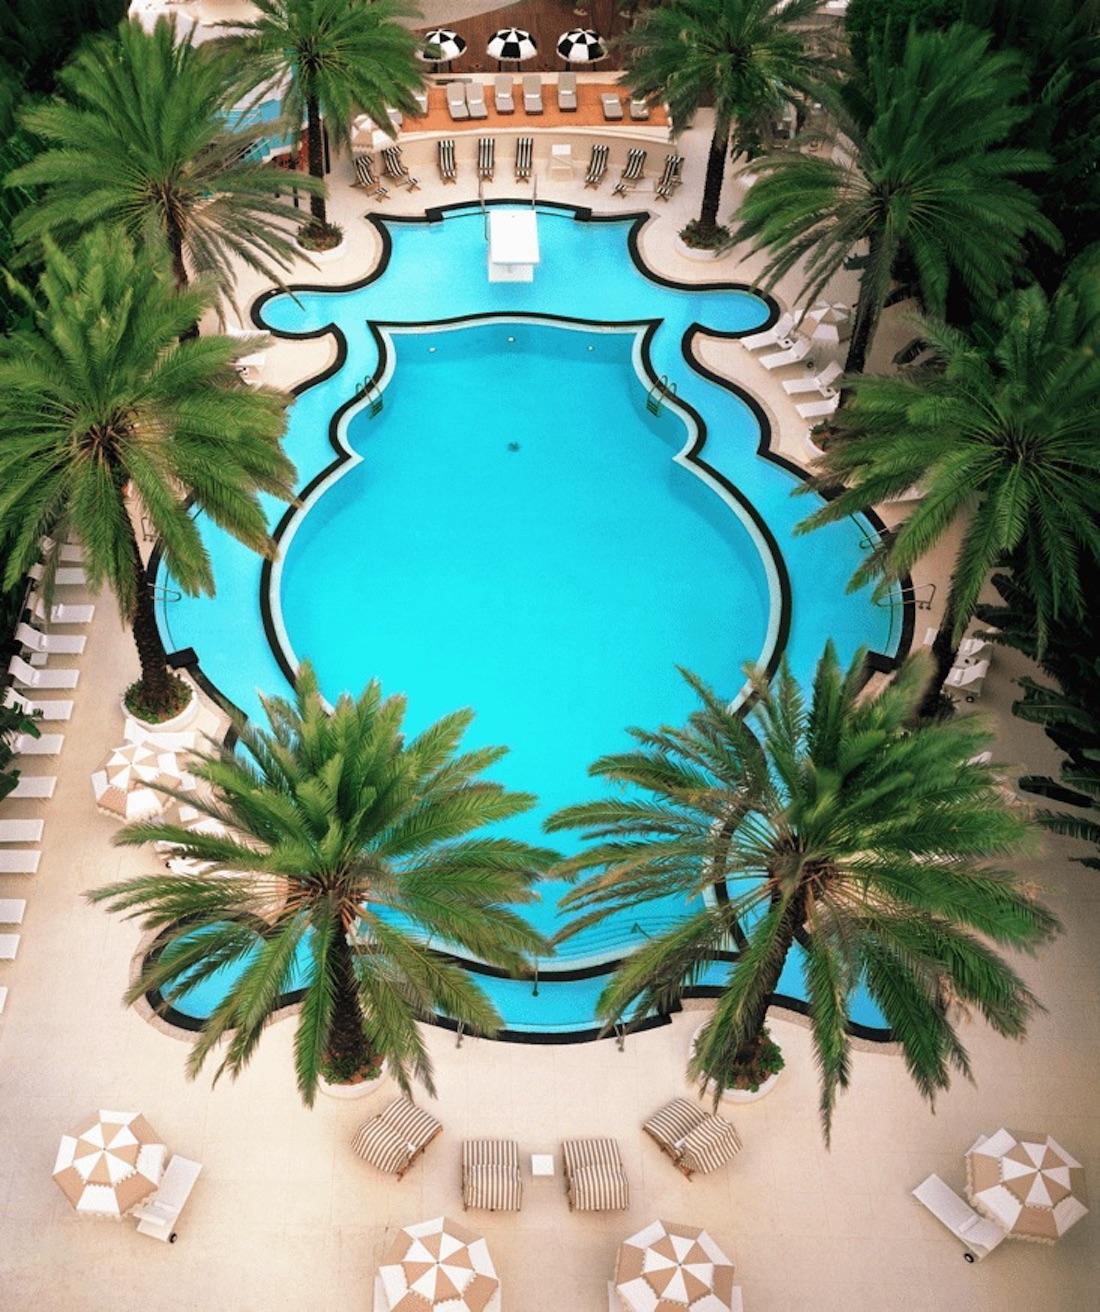 Art deco style pool